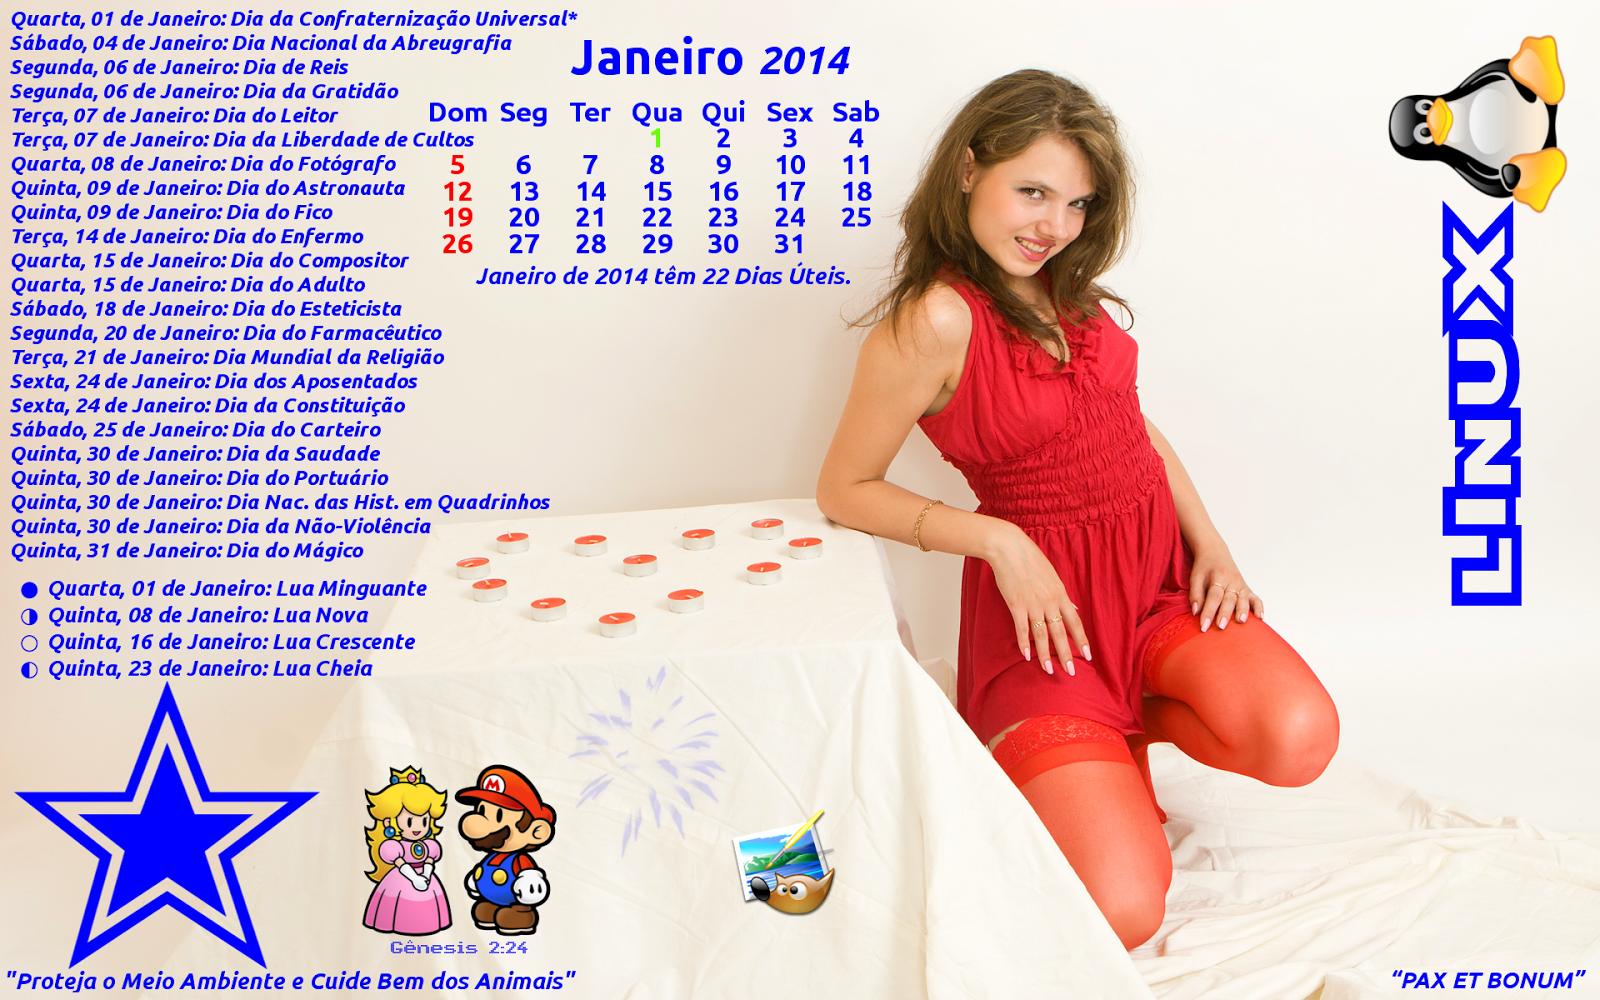 superlinuxmg-br: Sandra Model Calendário Janeiro 2014 Promo-Gimp ...: superlinuxmg-br.blogspot.com/2013/12/sandra-model-calendario...